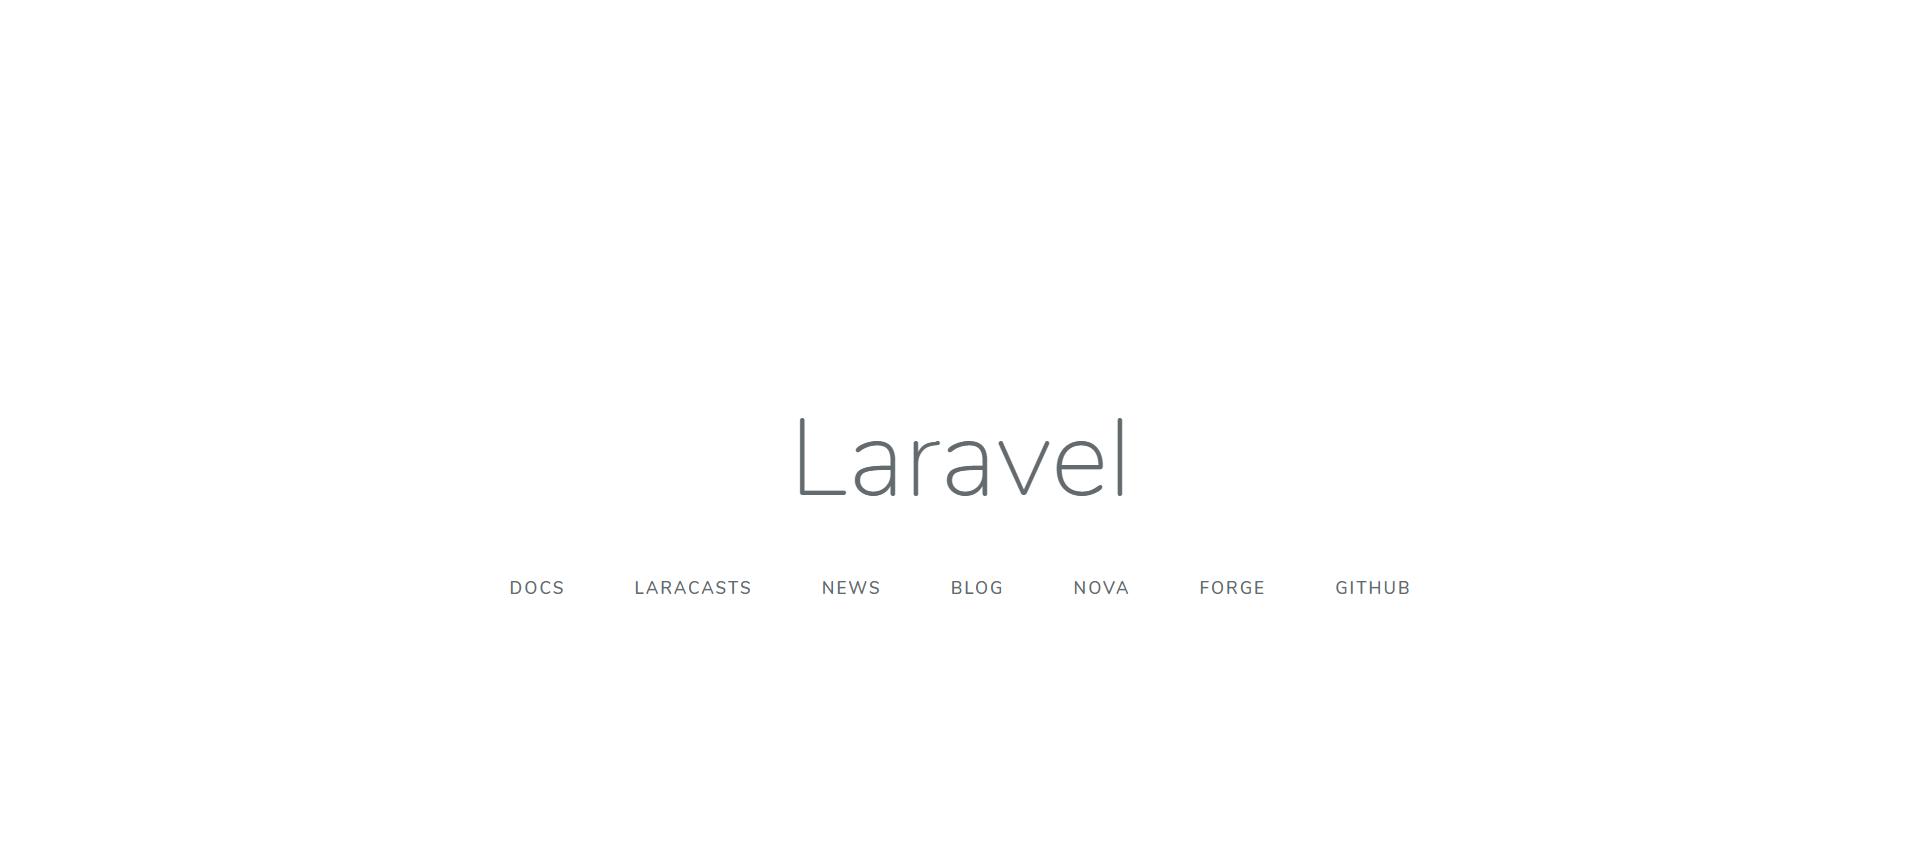 Panduan Penggunaan Symlink untuk Instalasi Laravel